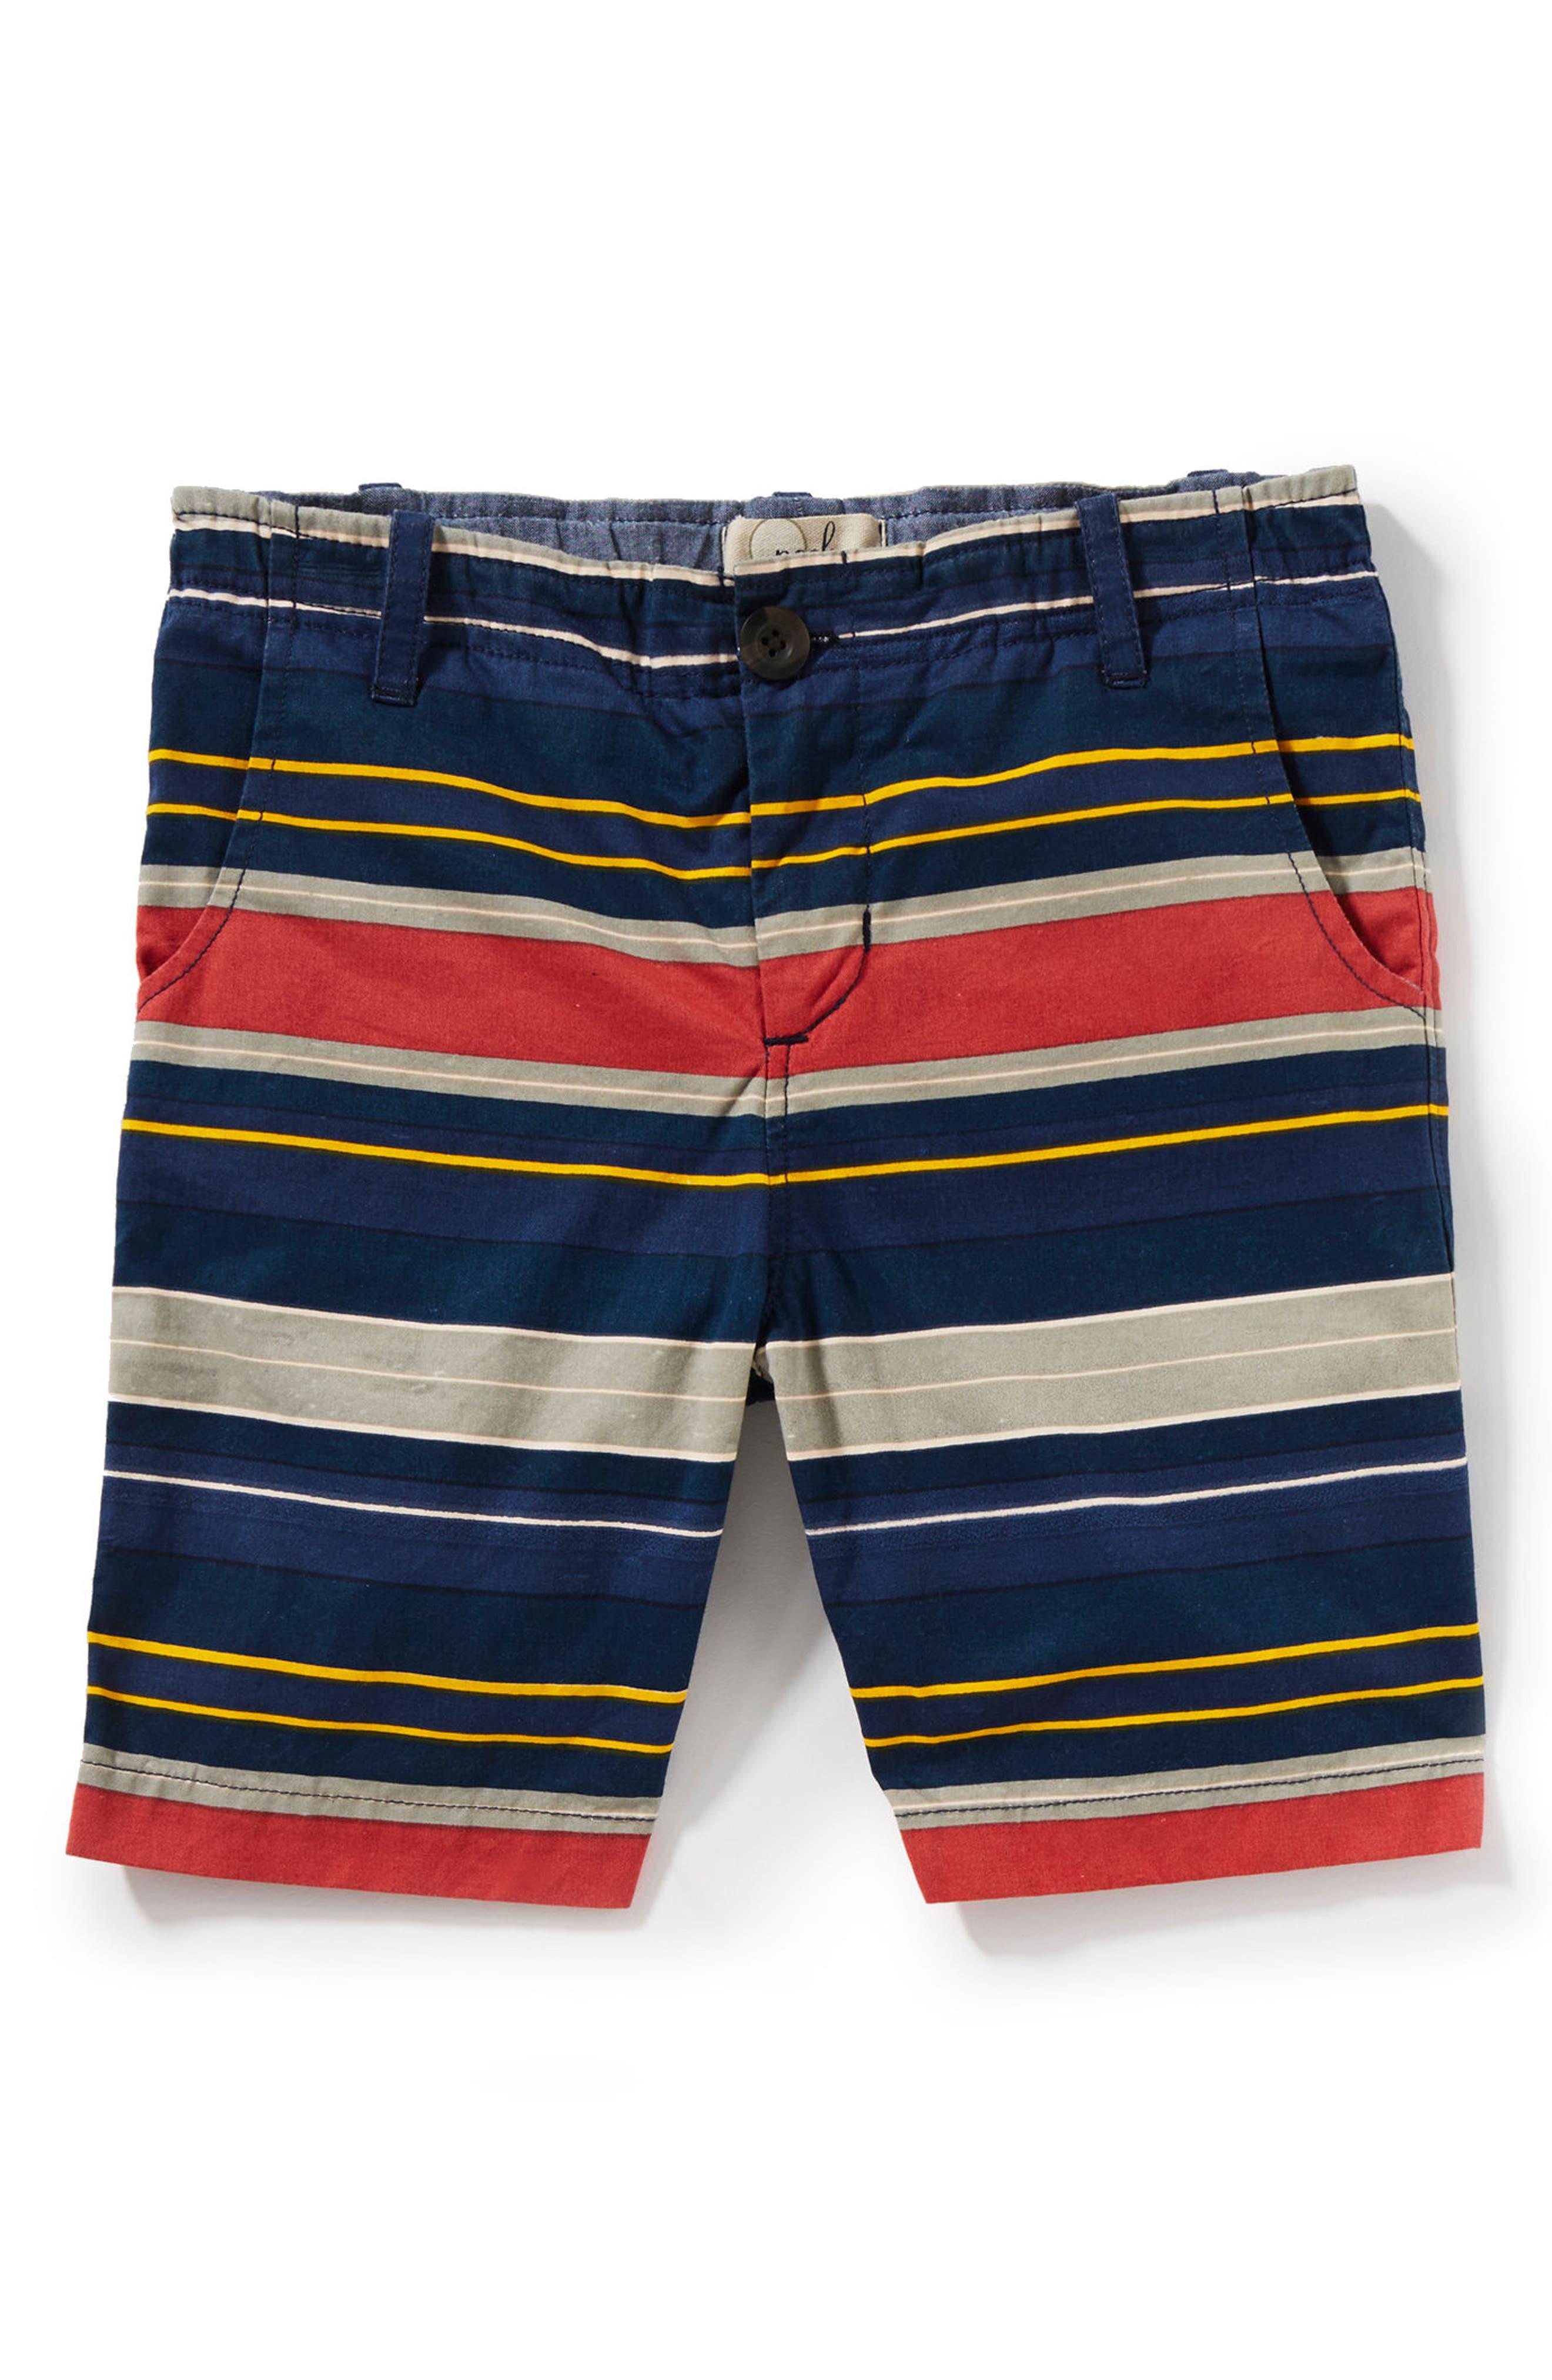 Hudson Stripe Shorts,                             Main thumbnail 1, color,                             410